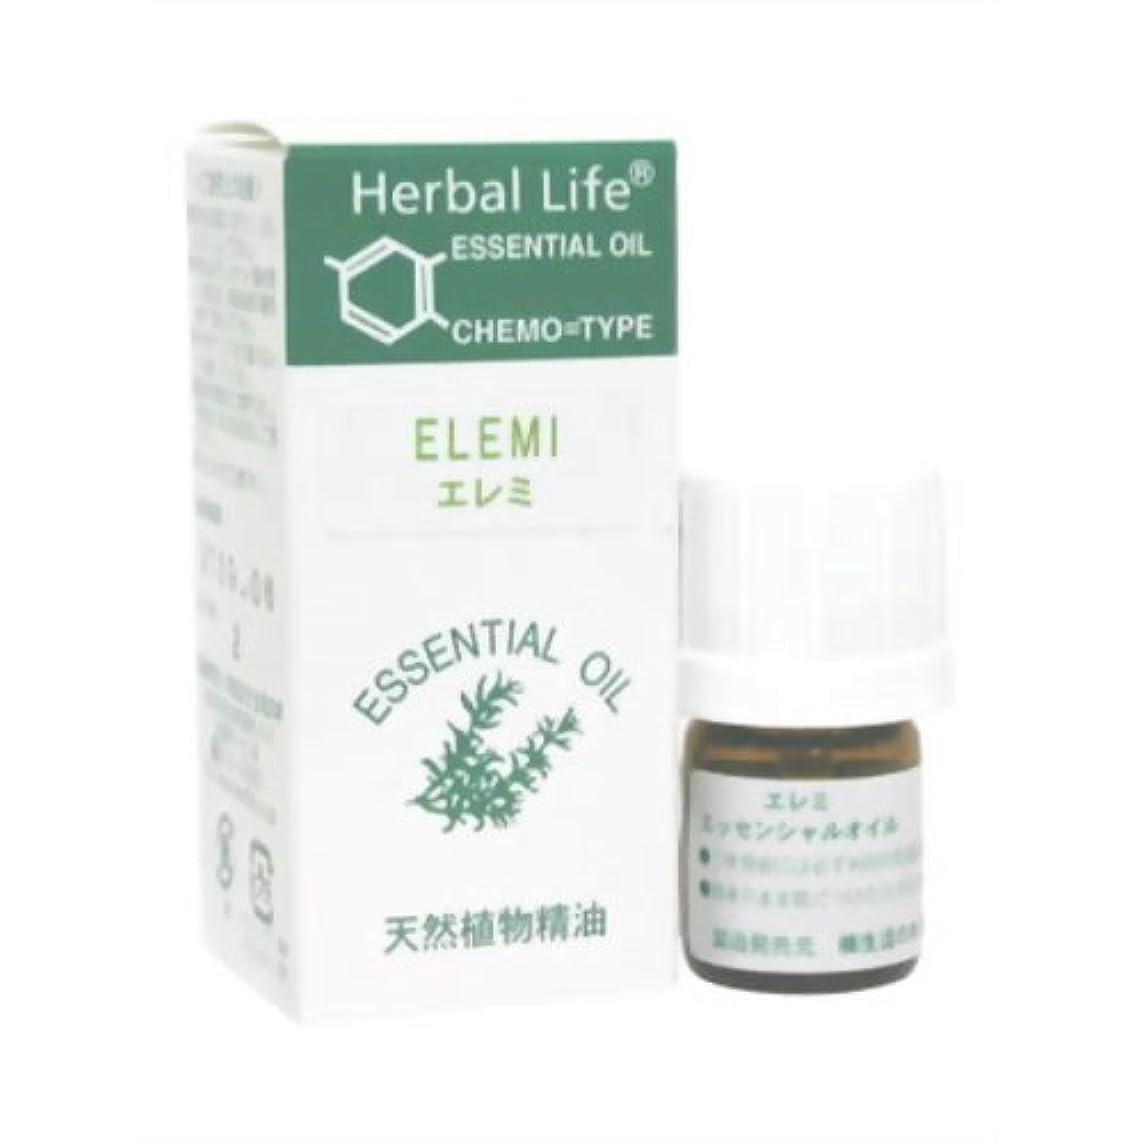 森哺乳類長さ生活の木 Herbal Life エレミ 3ml